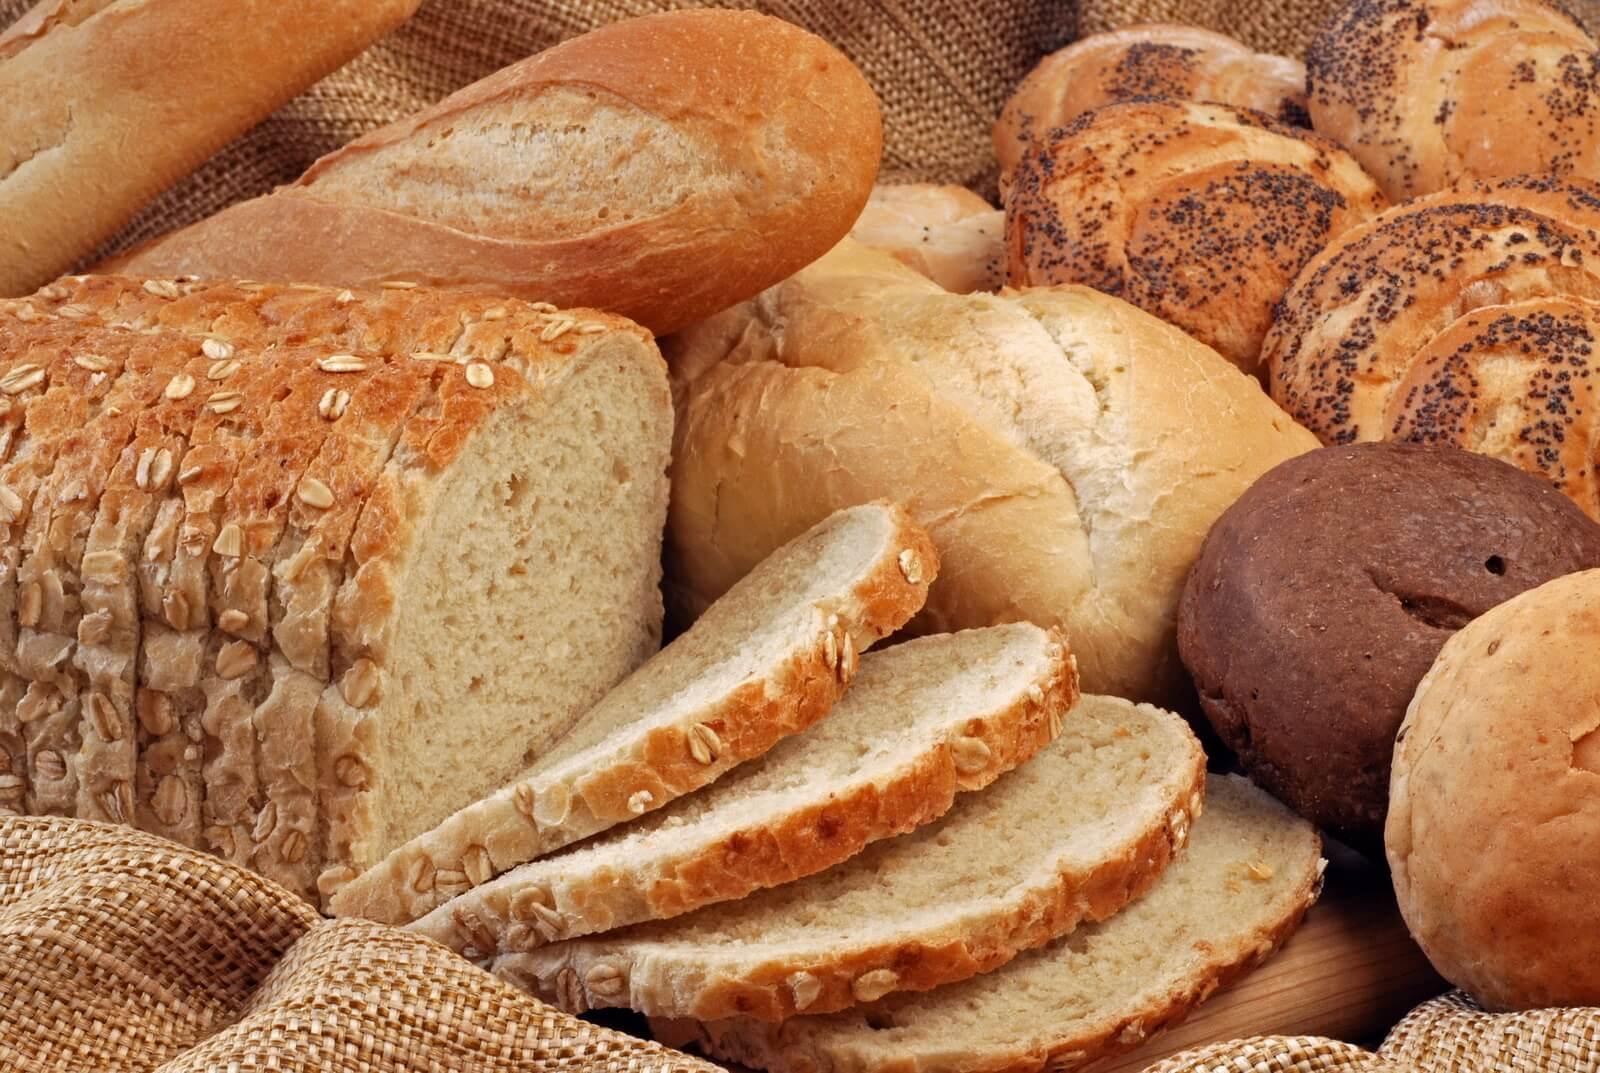 Из-за низкой урожайности может подорожать хлеб